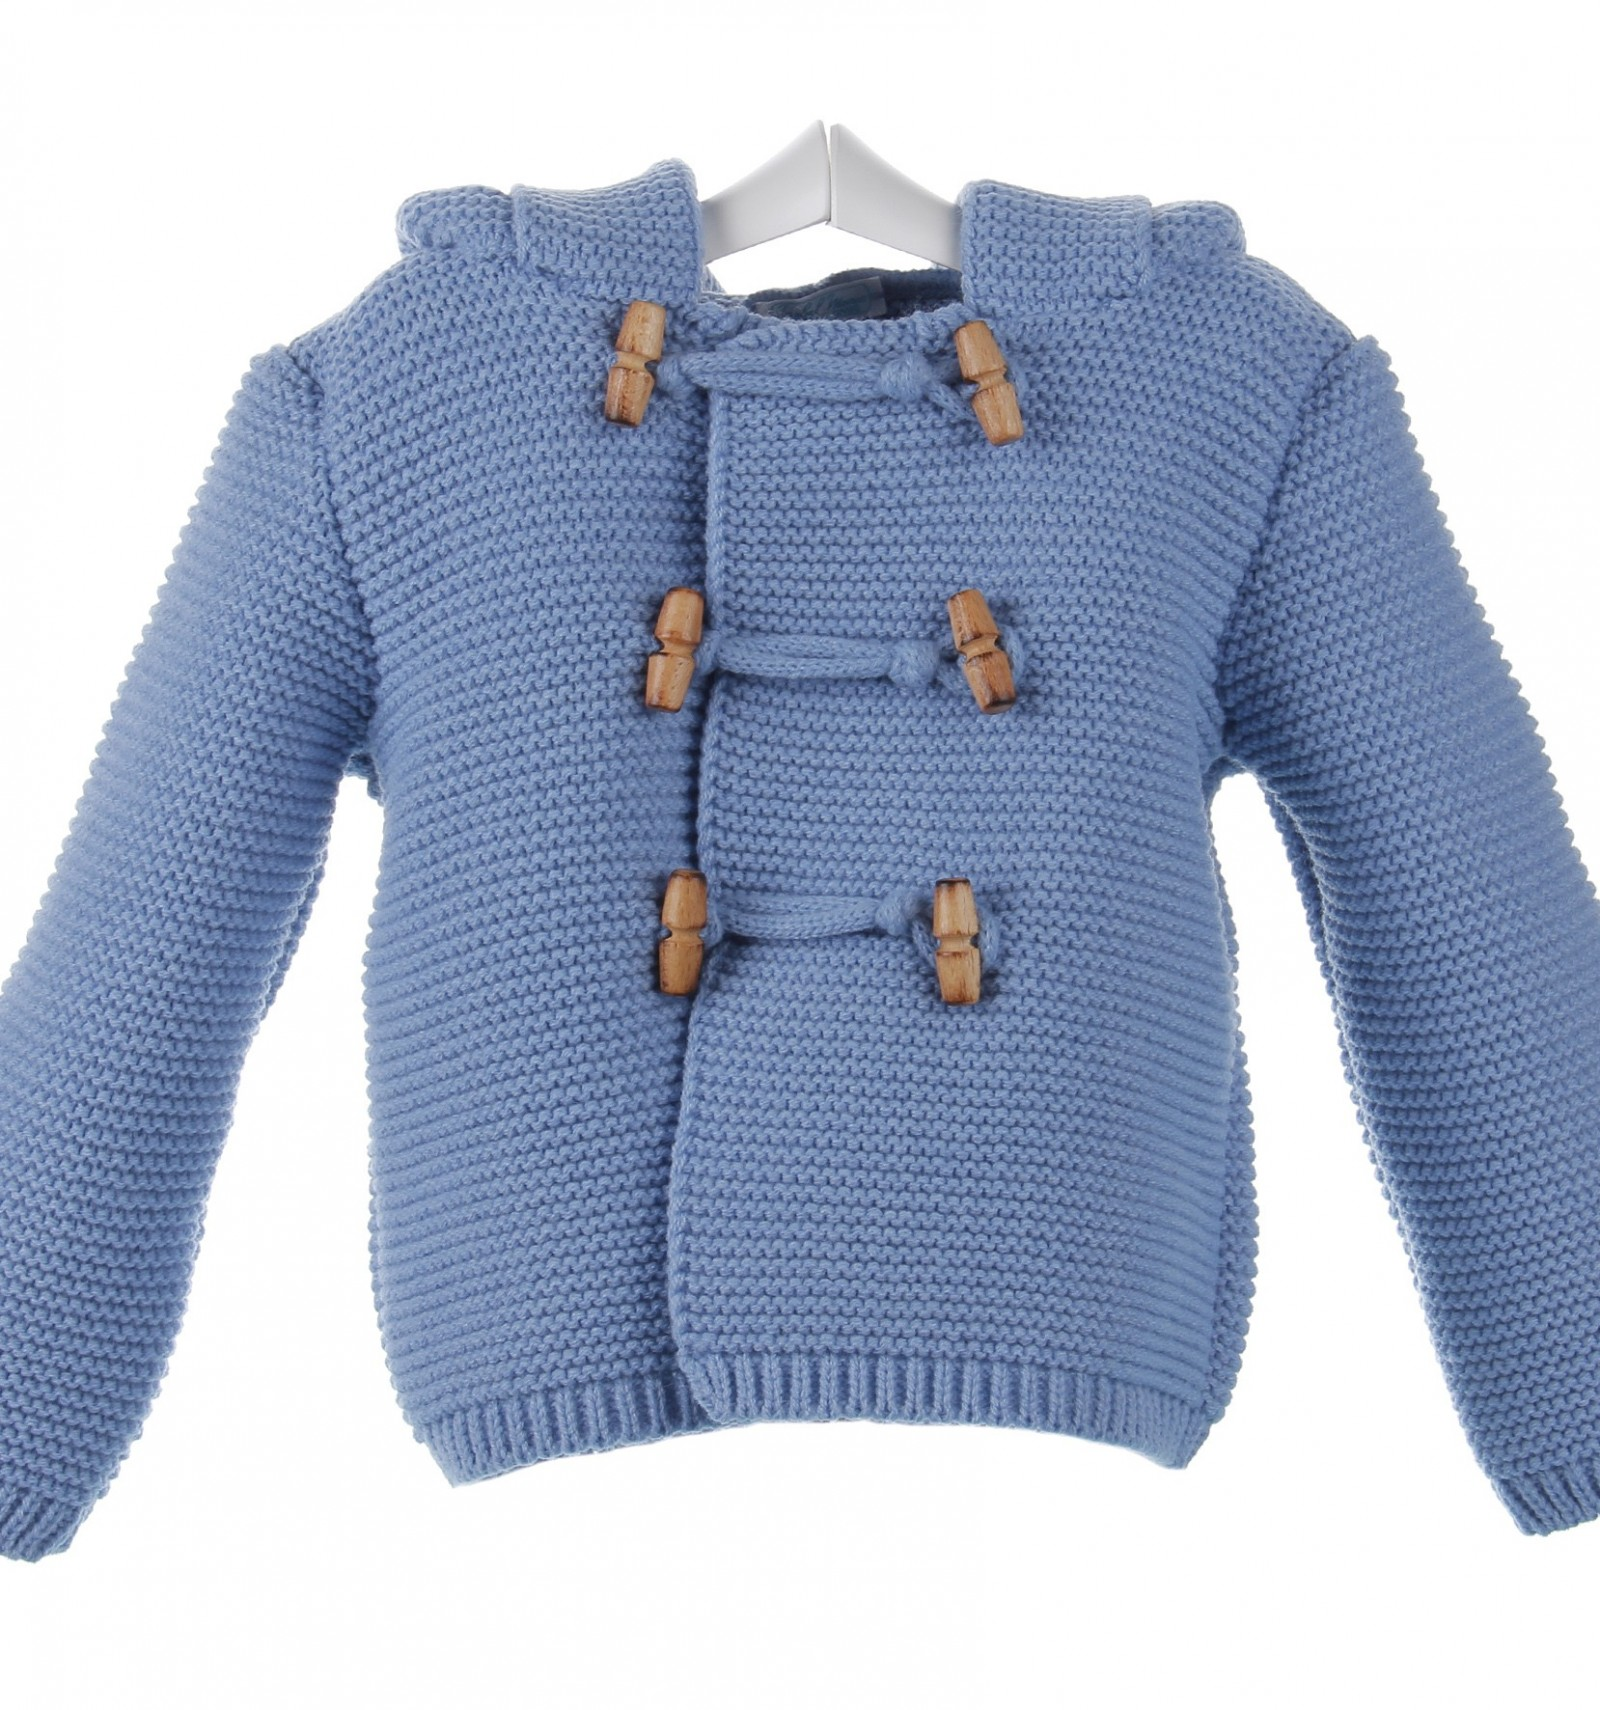 66b4964f4 Abrigo para bebé de lana con capucha